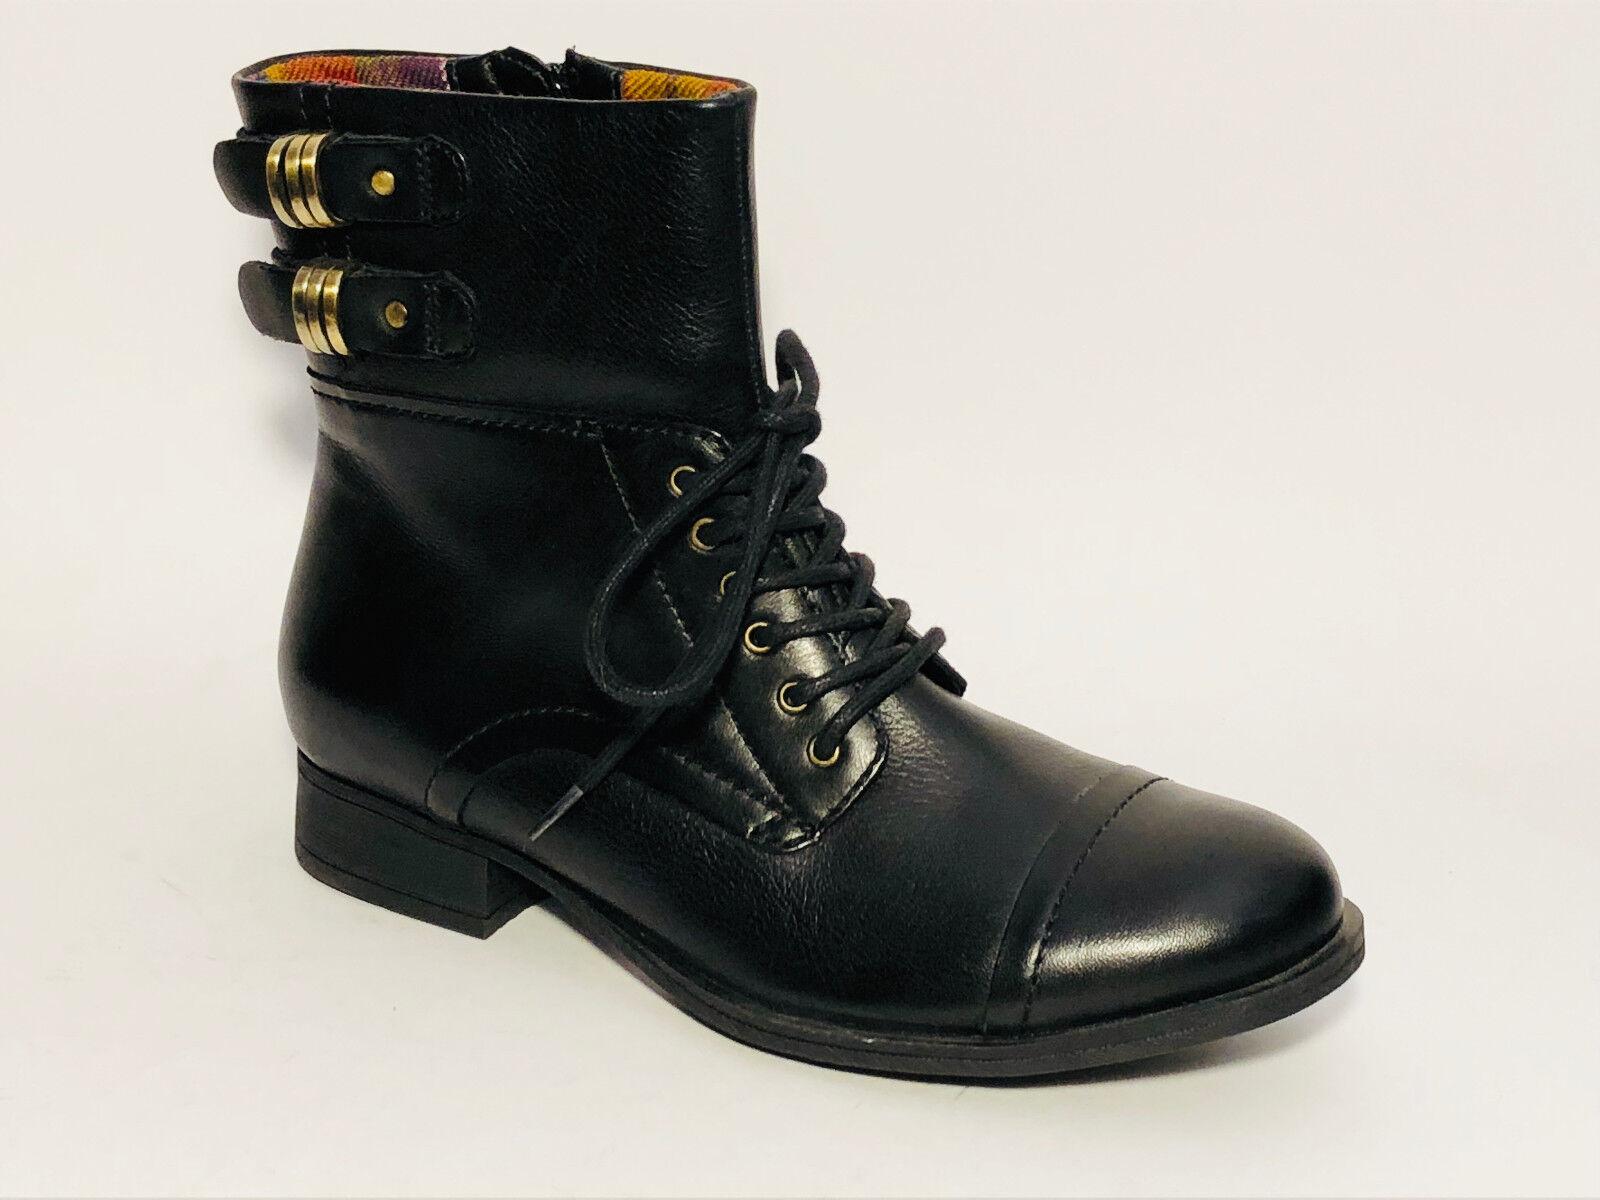 Clarks Schuhe Stiefel  Leder Stiefel Größe 35,5 (UK 3) 3) 3) Schwarz Stiefeletten 66c94e